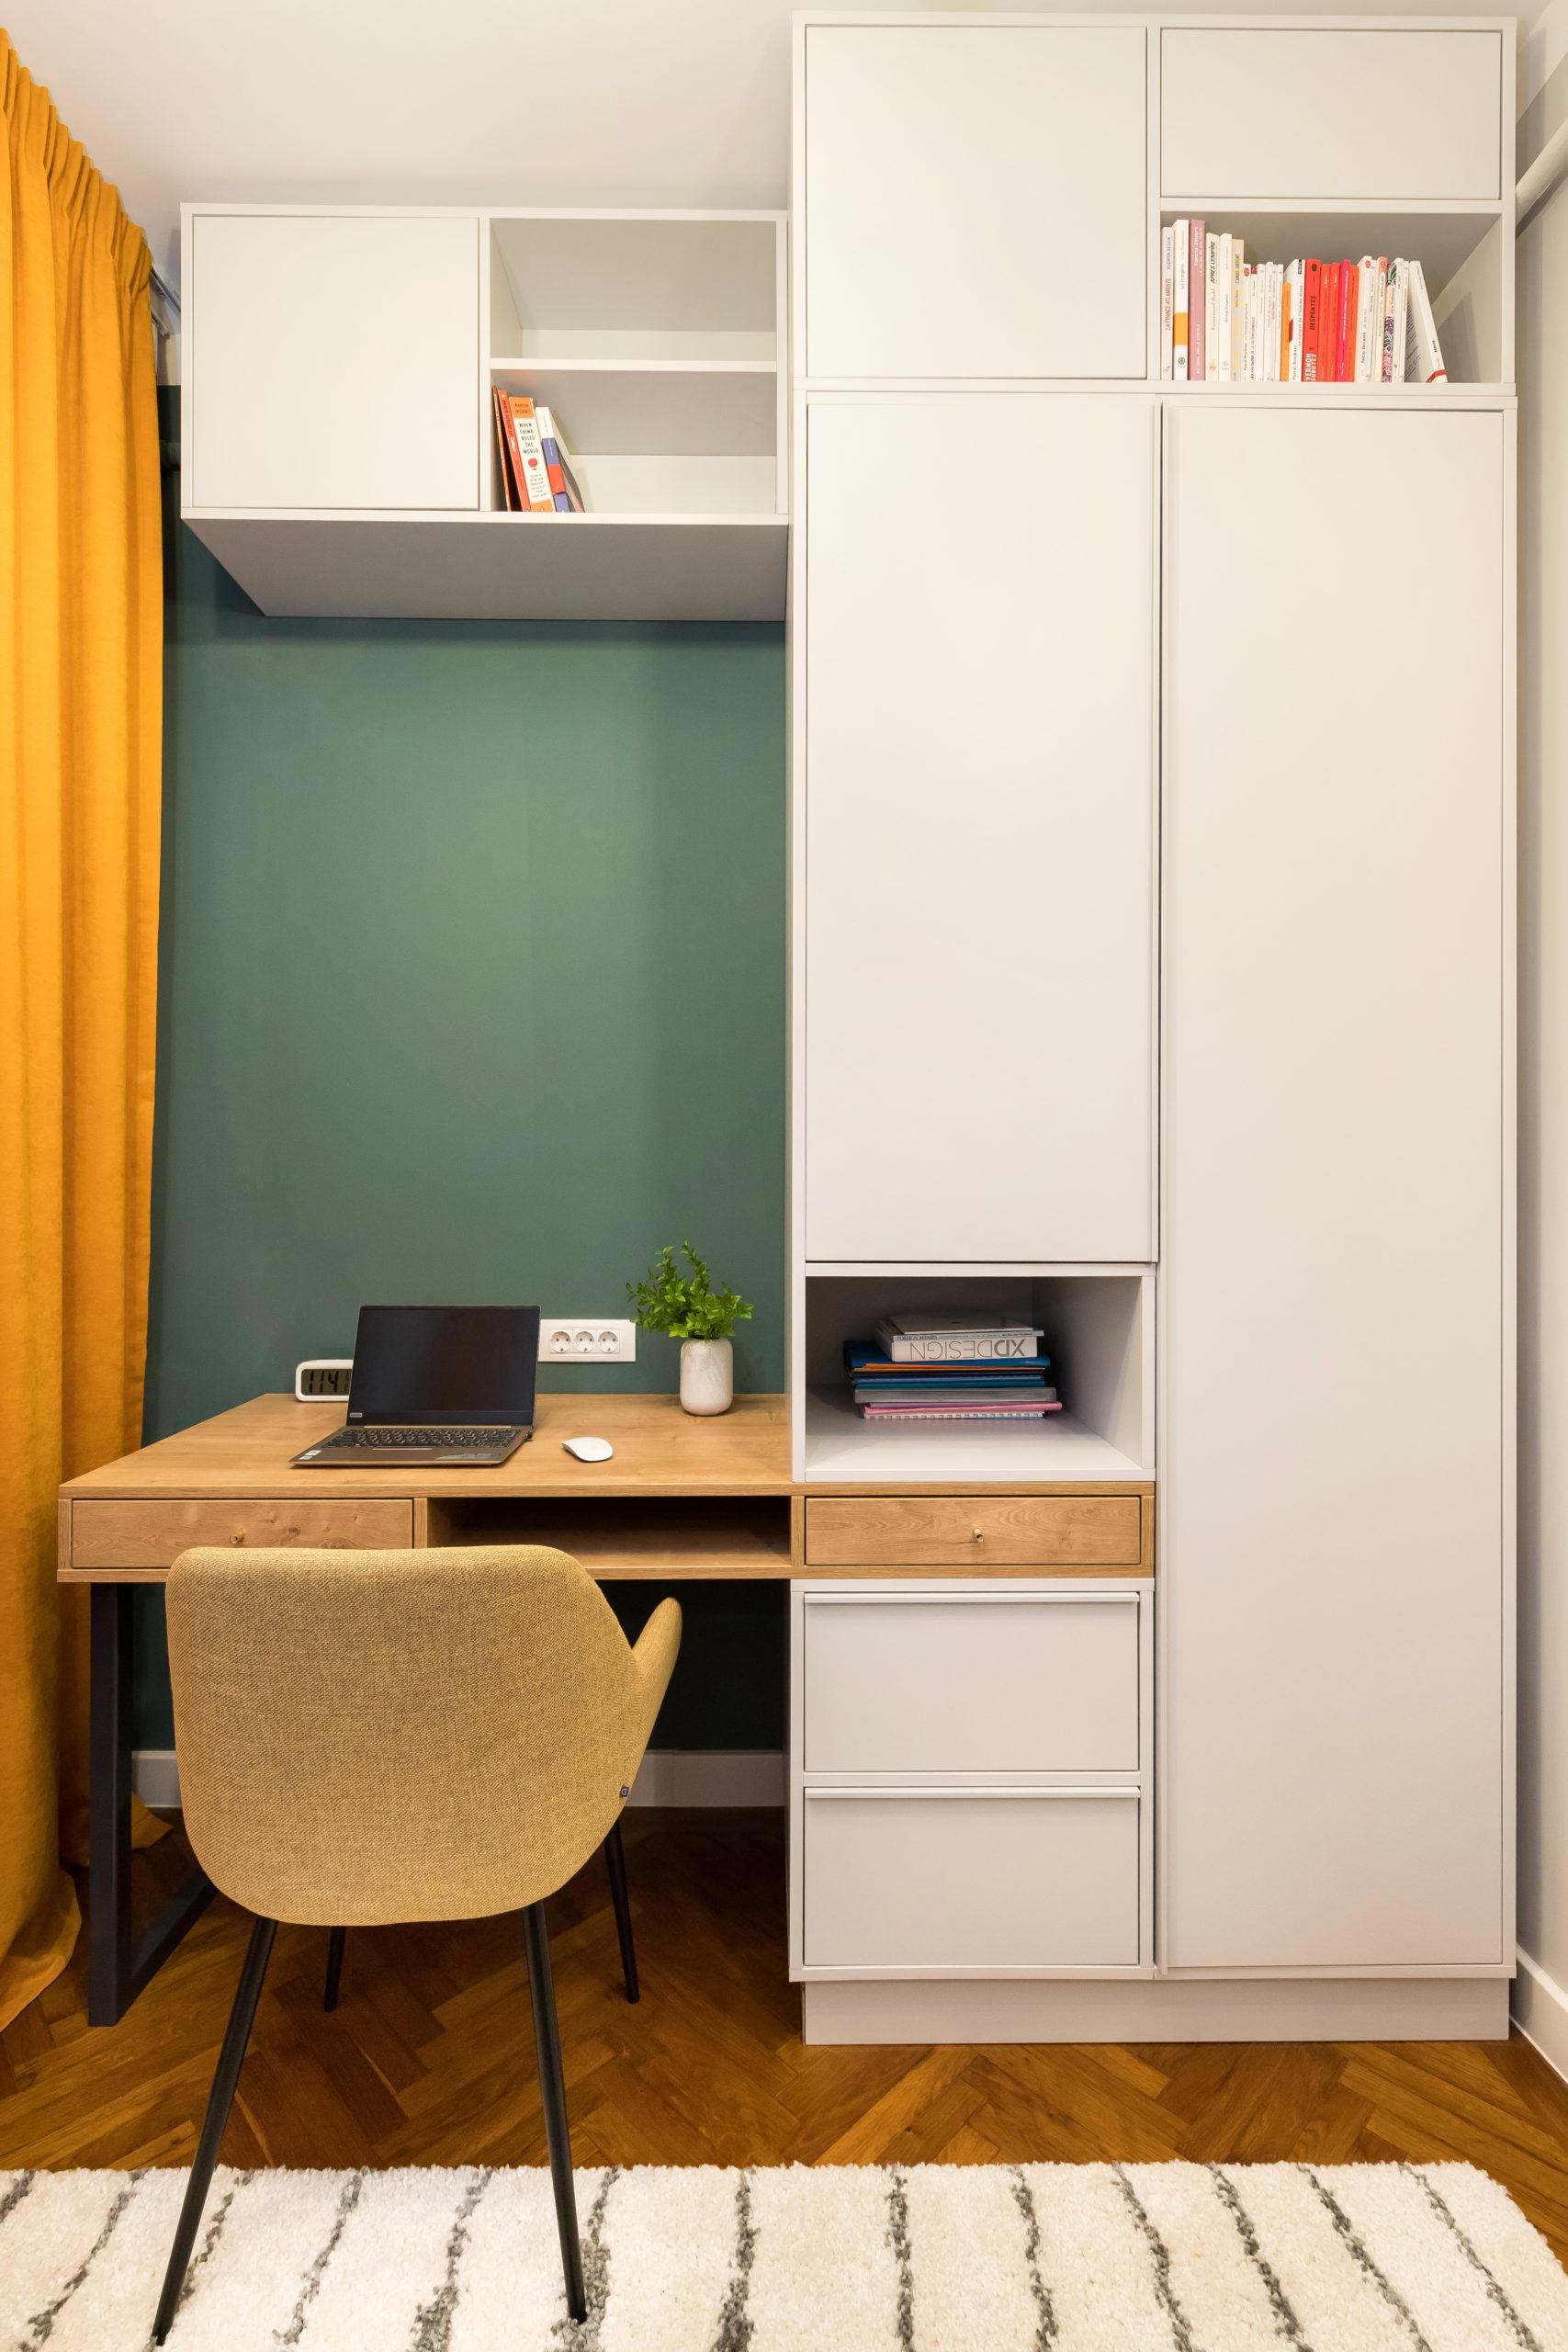 Spatiile de depozitare si masa de birou sunt gandite ca un intreg. Pastreaza un echilibru intre zone inchise/deschise, pentru a nu aglomera spatiul.